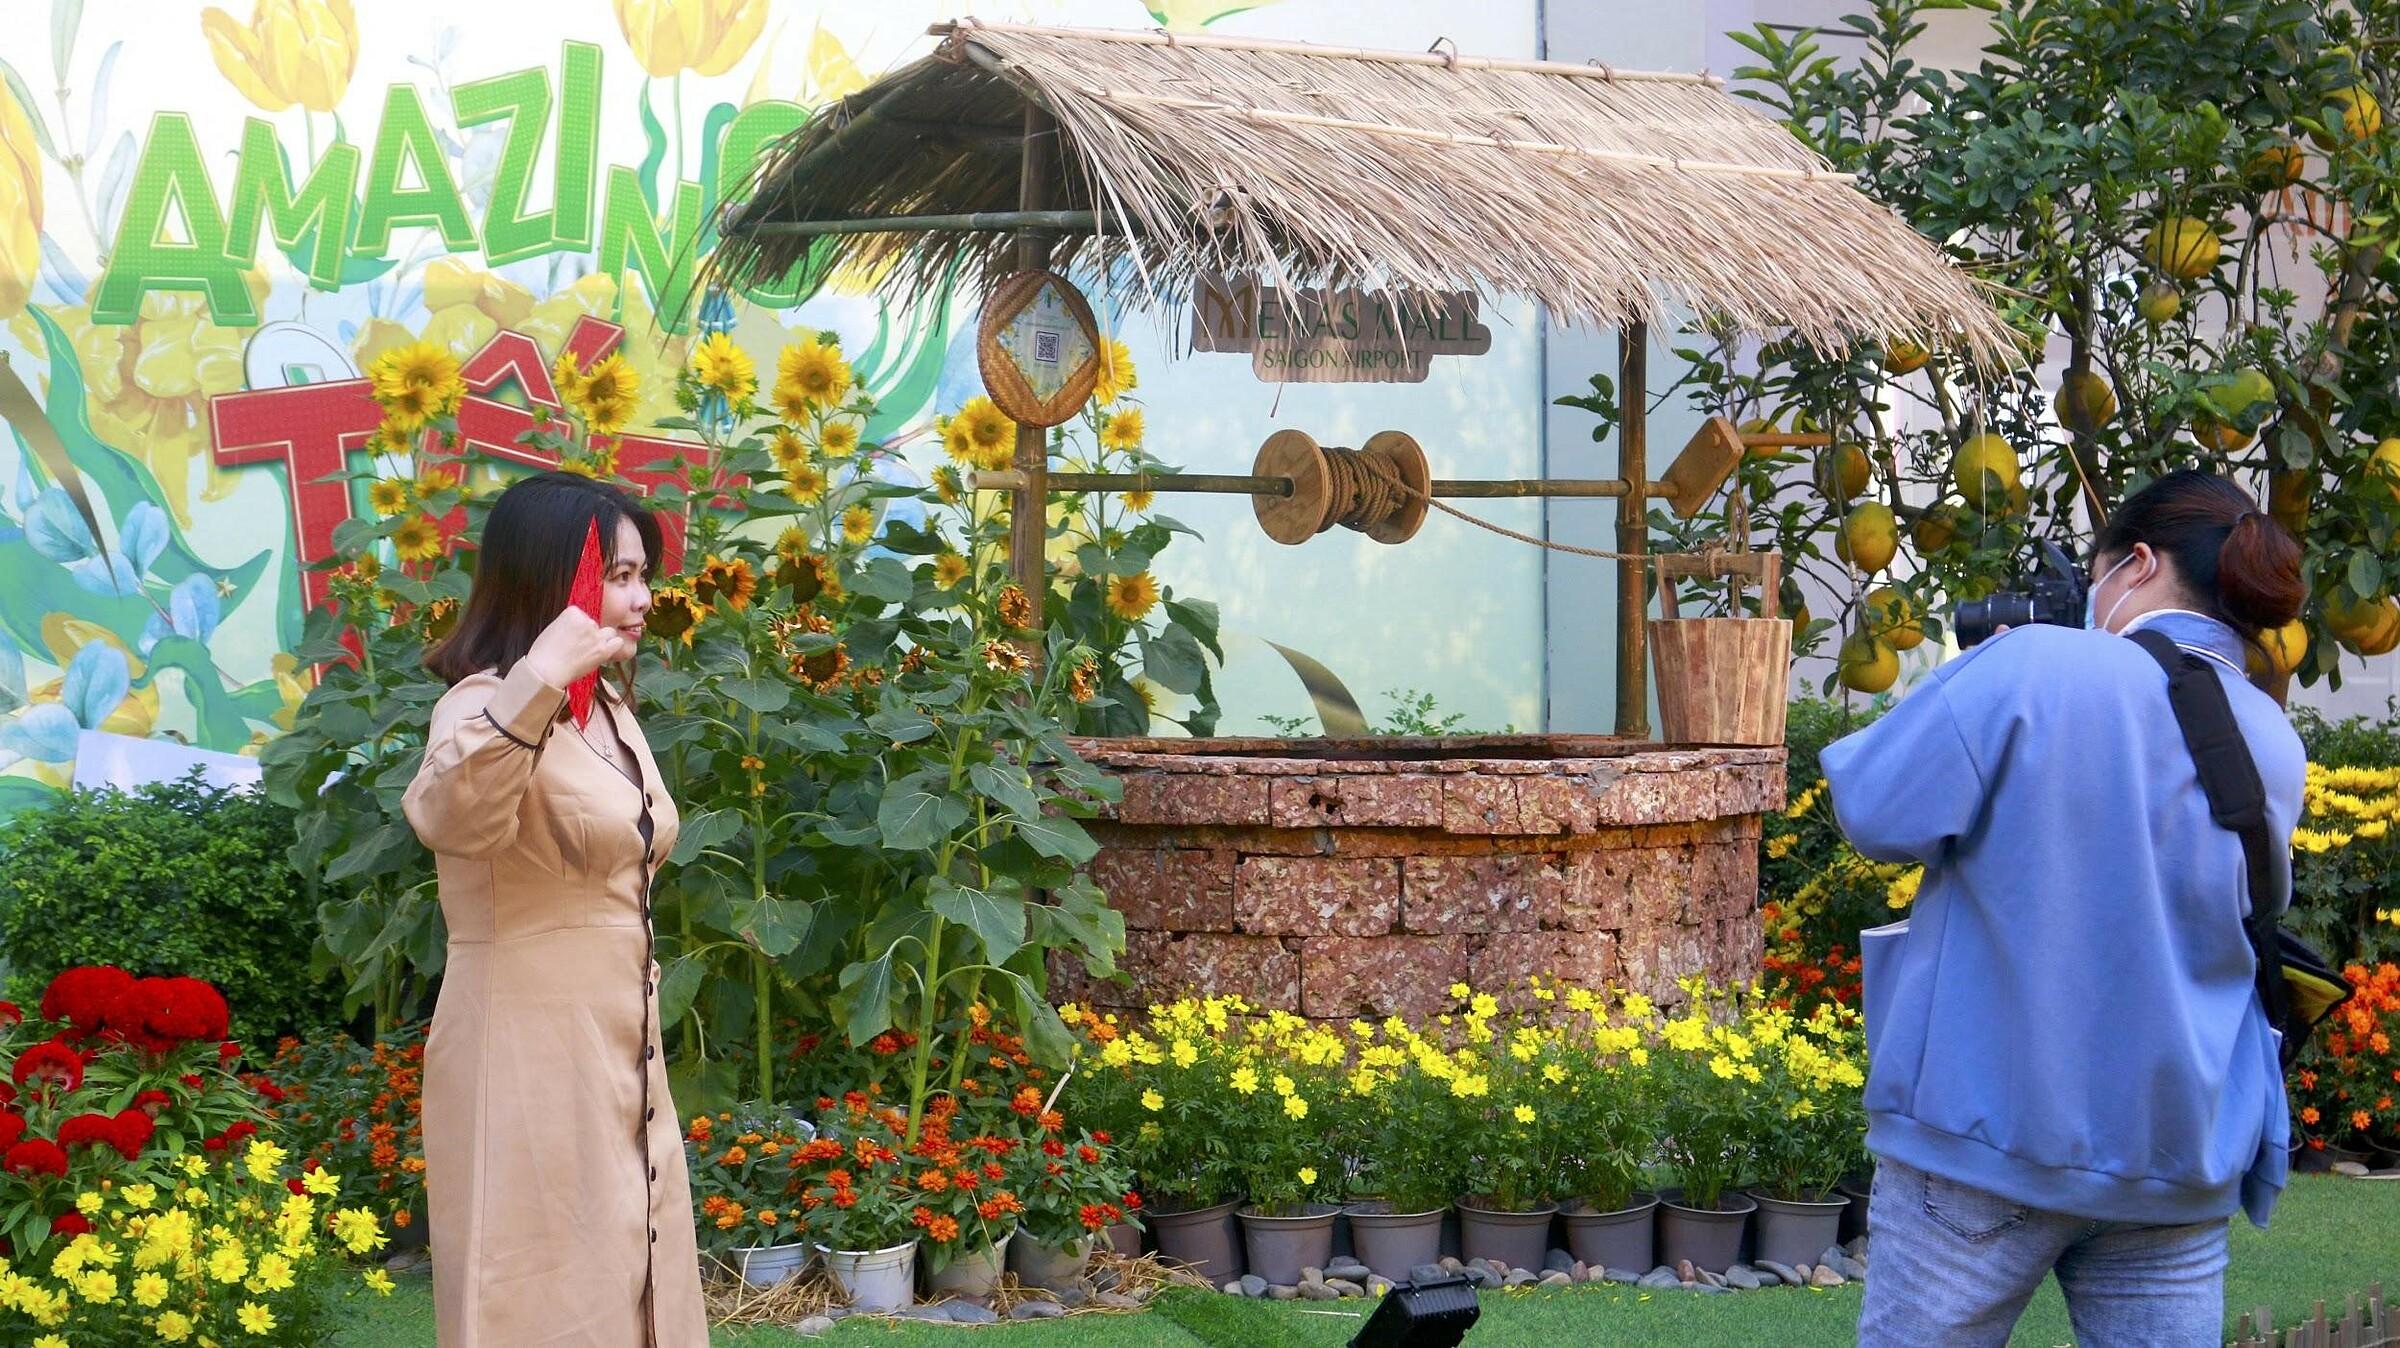 Giàn bí, giếng nước, cầu tre, cổng đình, ụ rơm... chính là những nét đẹp vùng quê hằng in trong tuổi thơ của mỗi người. Những tiểu cảnh thân thuộc có mặt giữa phố thị Sài Gòn cuối năm tấp nập dòng xe đã thu hút nhiều người đến chiêm ngưỡng.